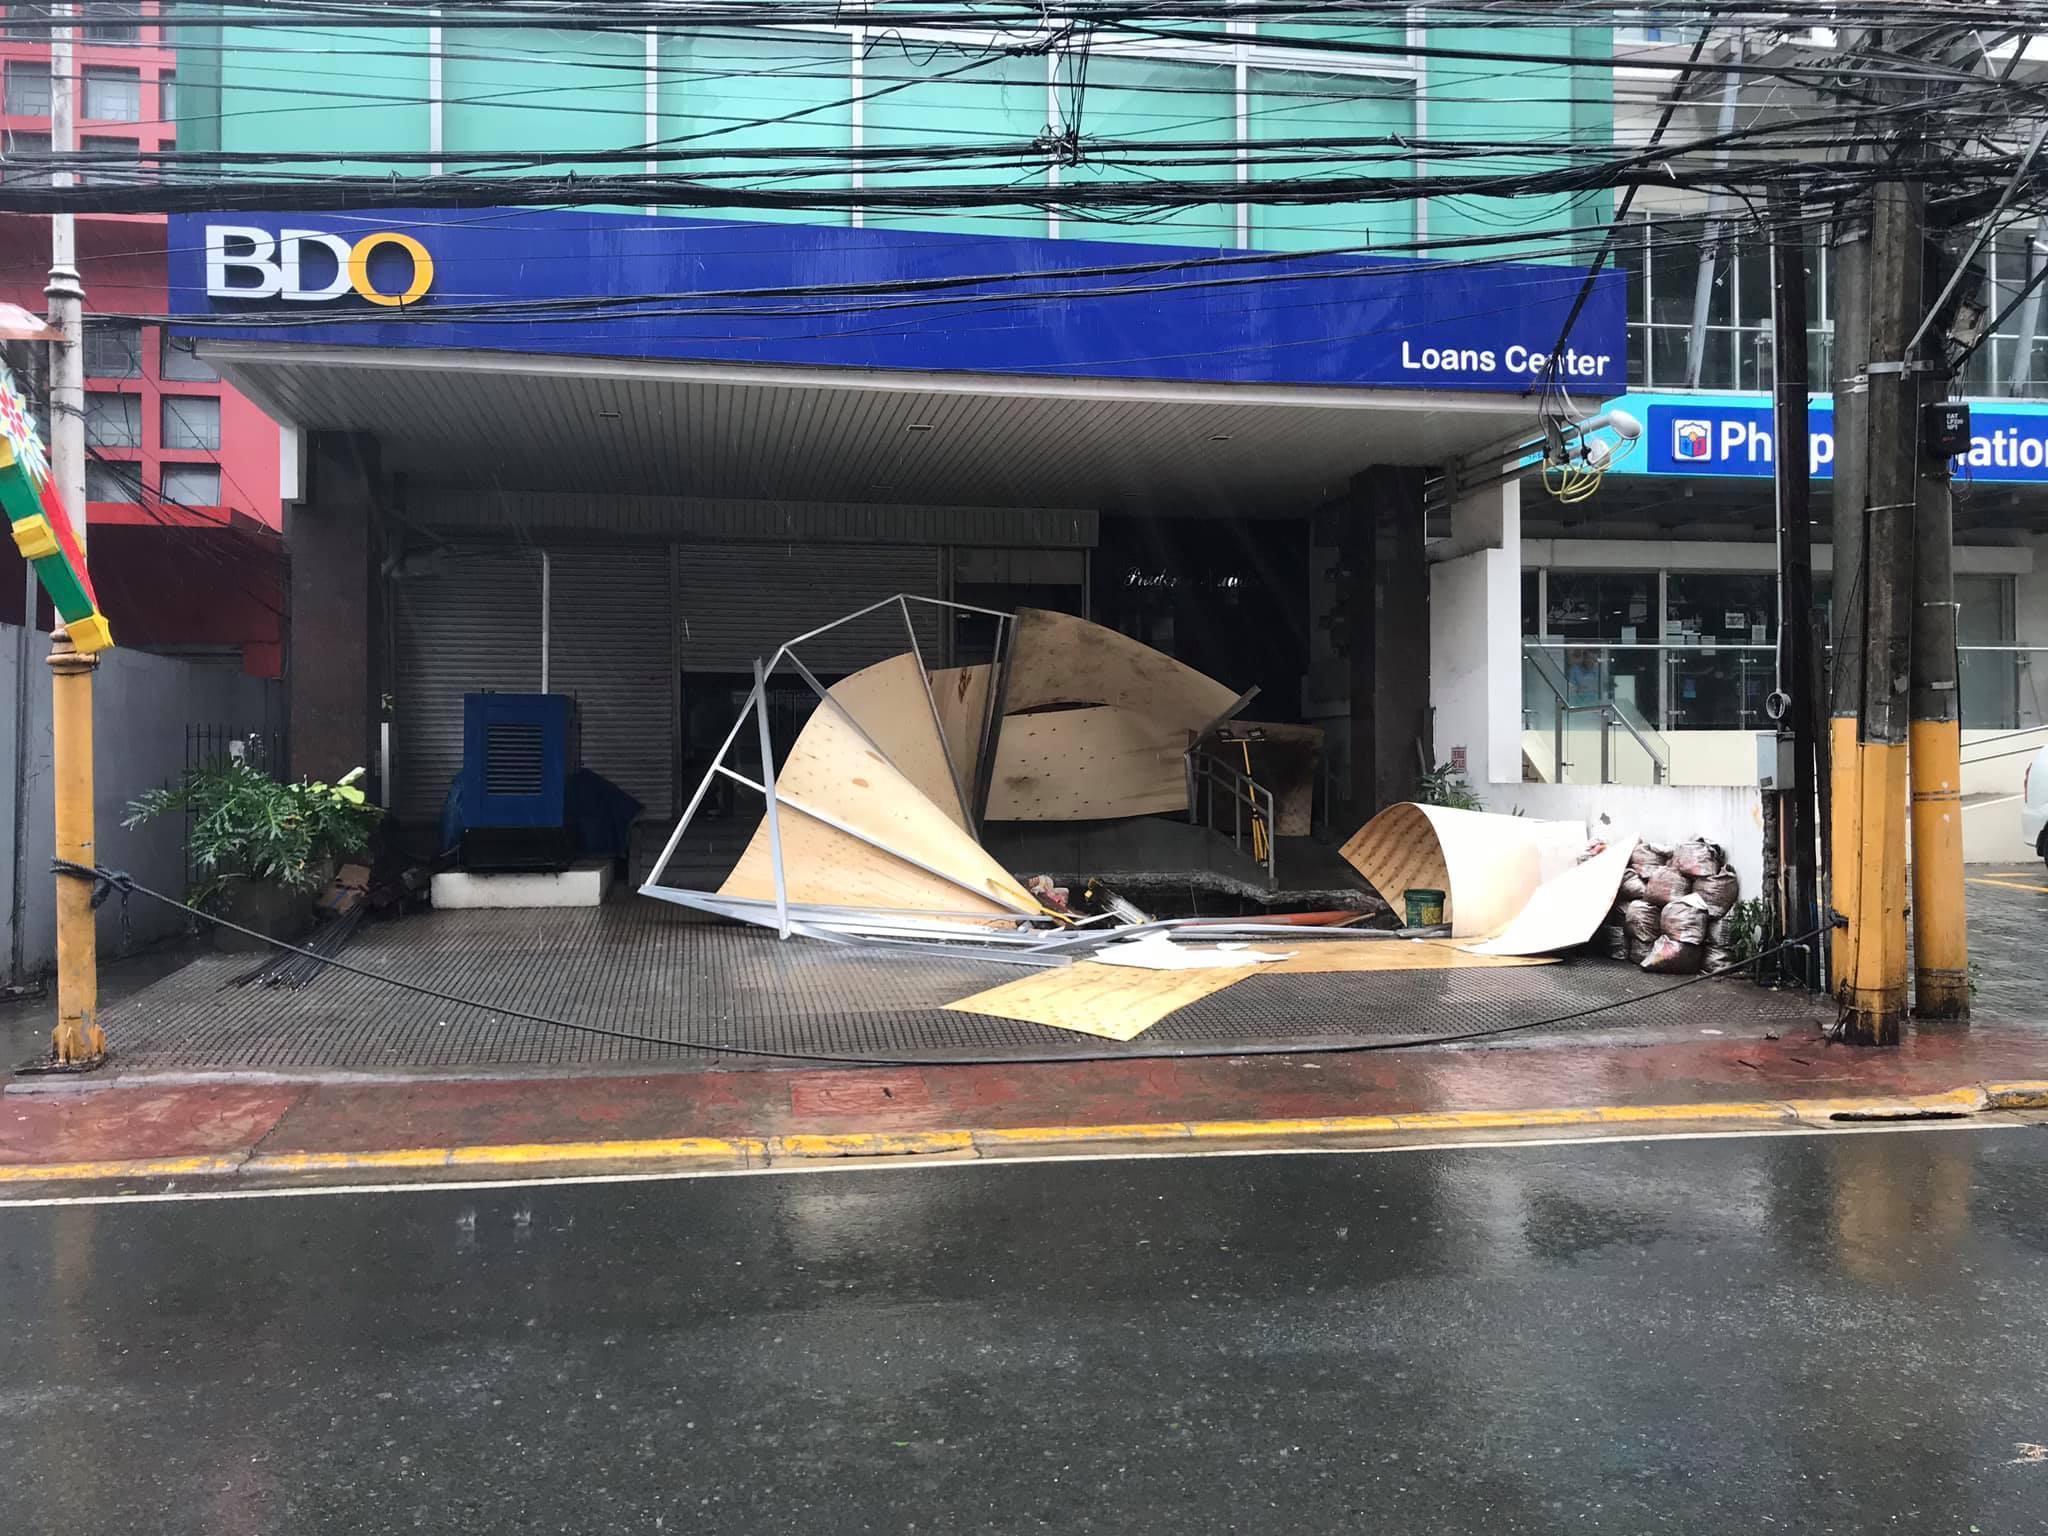 Hình ảnh cơn bão số 9 càn quét Philippines với sức gió mạnh dữ dội: Đã có những thiệt hại đầu tiên 11